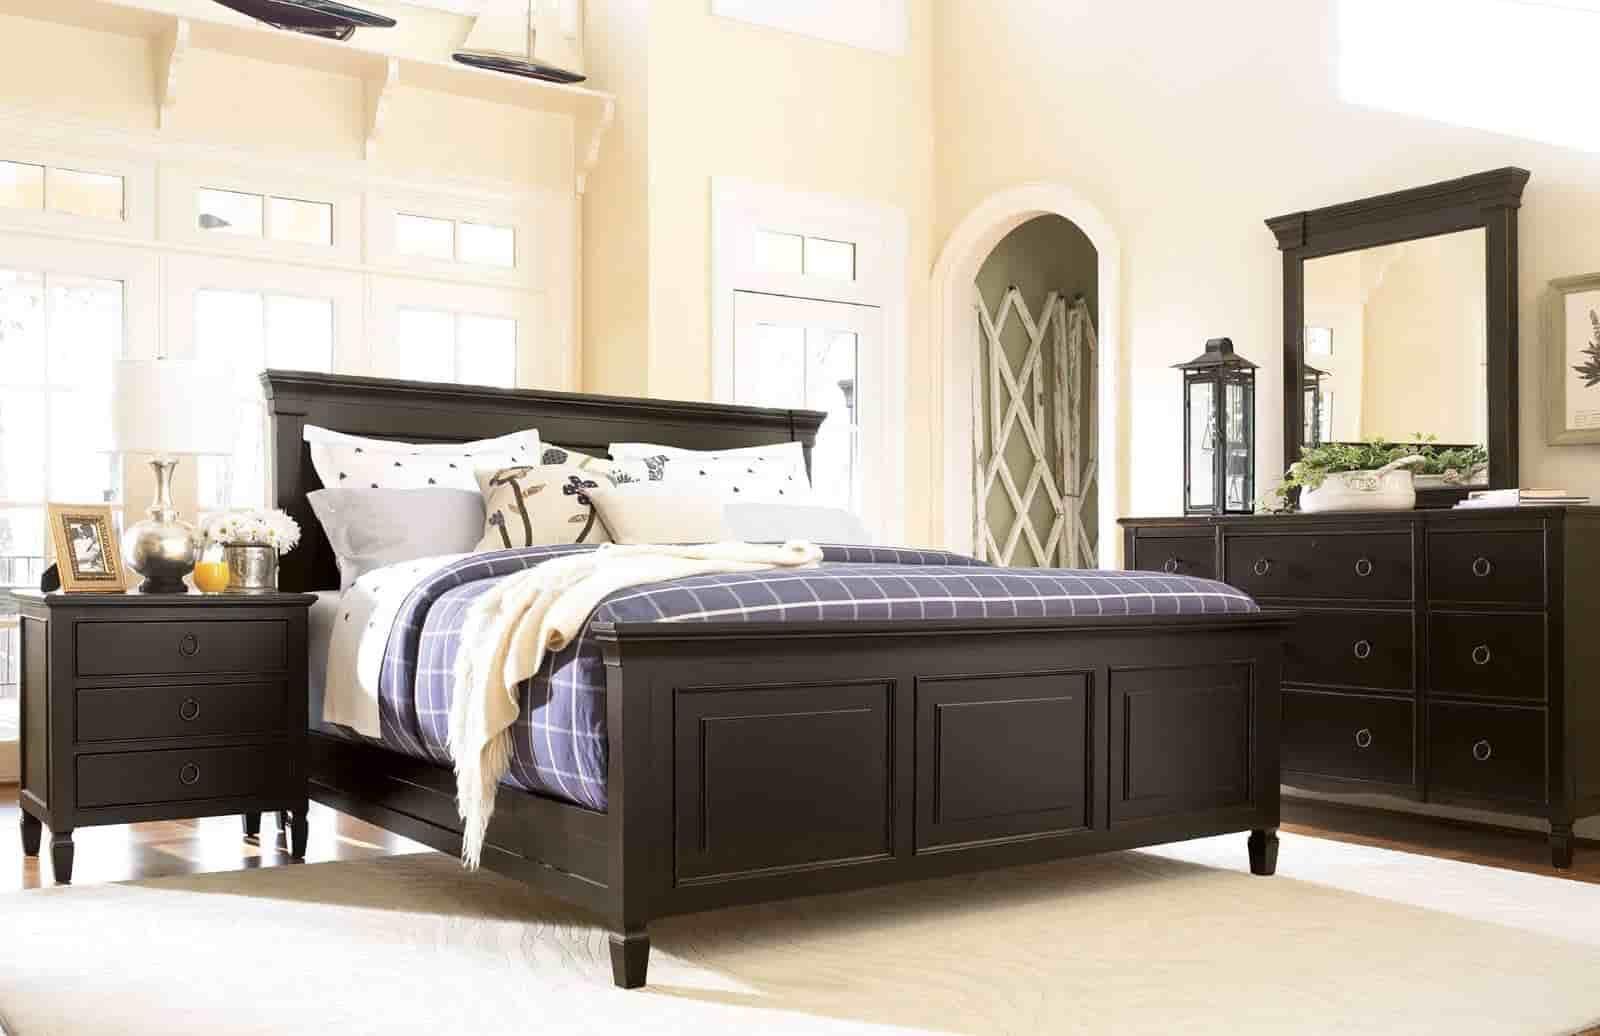 California King Bedroom Furniture Sets Sale  Bedroom Ideas Entrancing Cal King Bedroom Sets Decorating Design